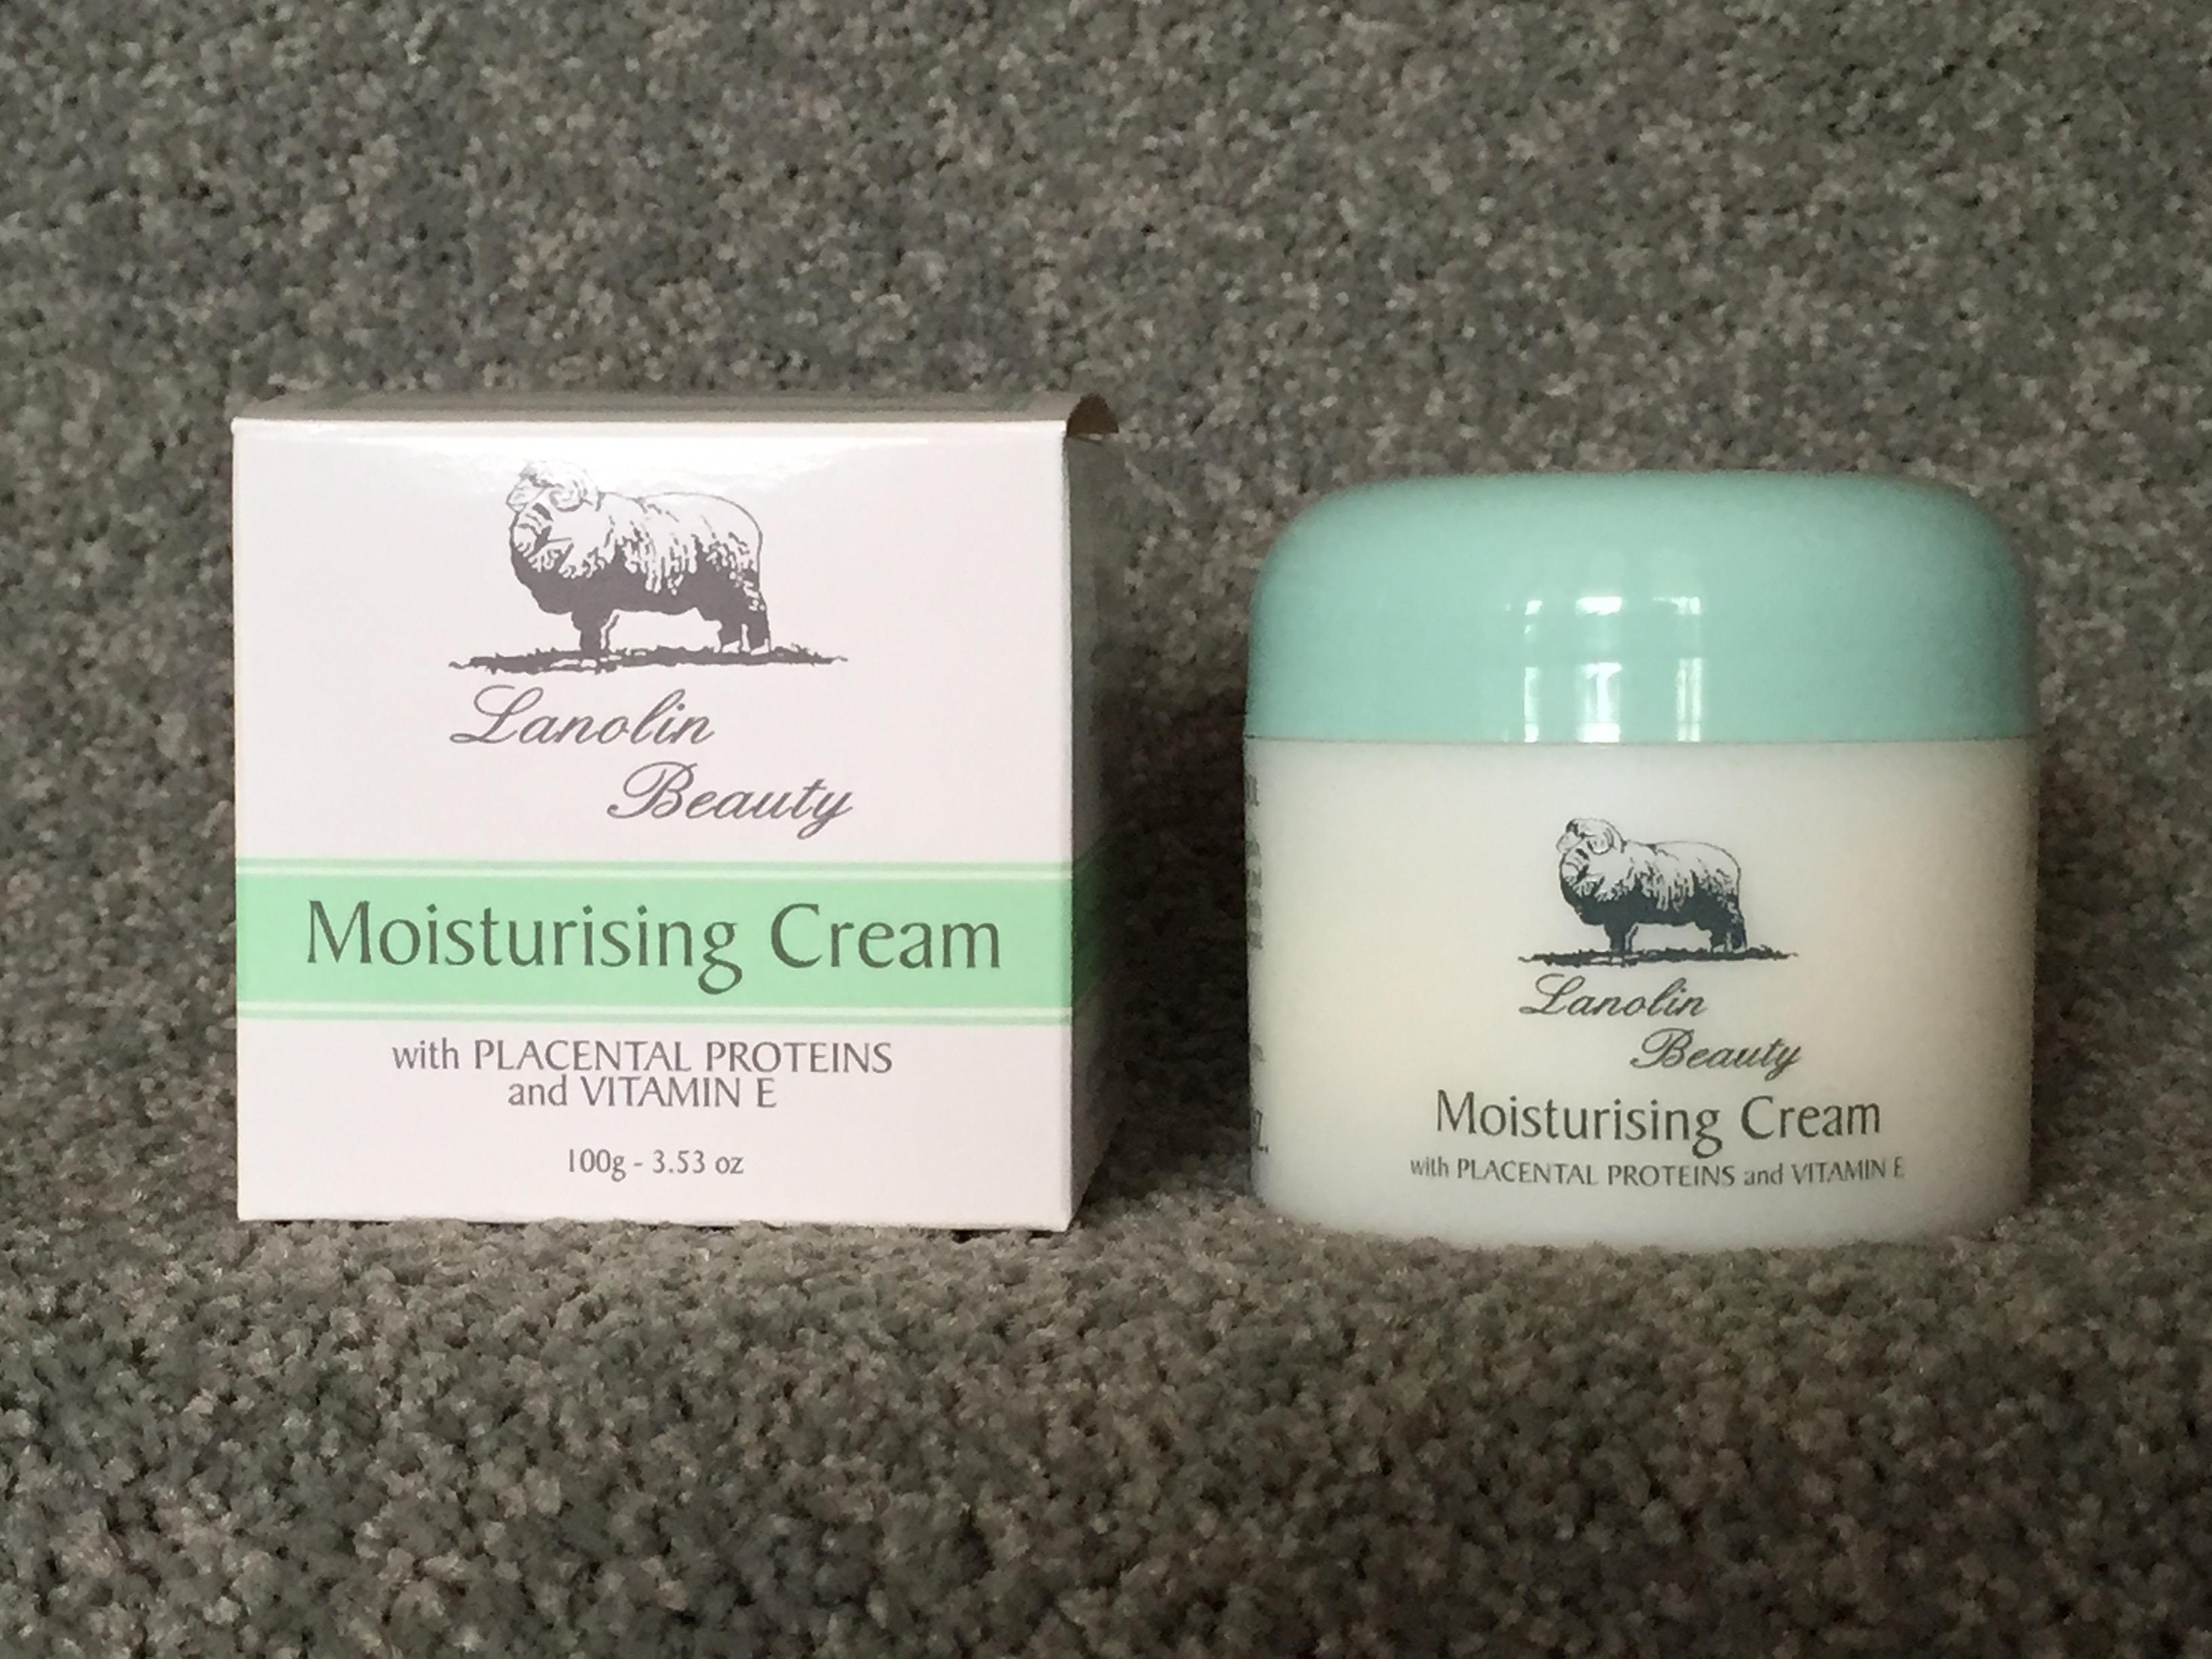 Lanolin Beauty Moisturising Cream